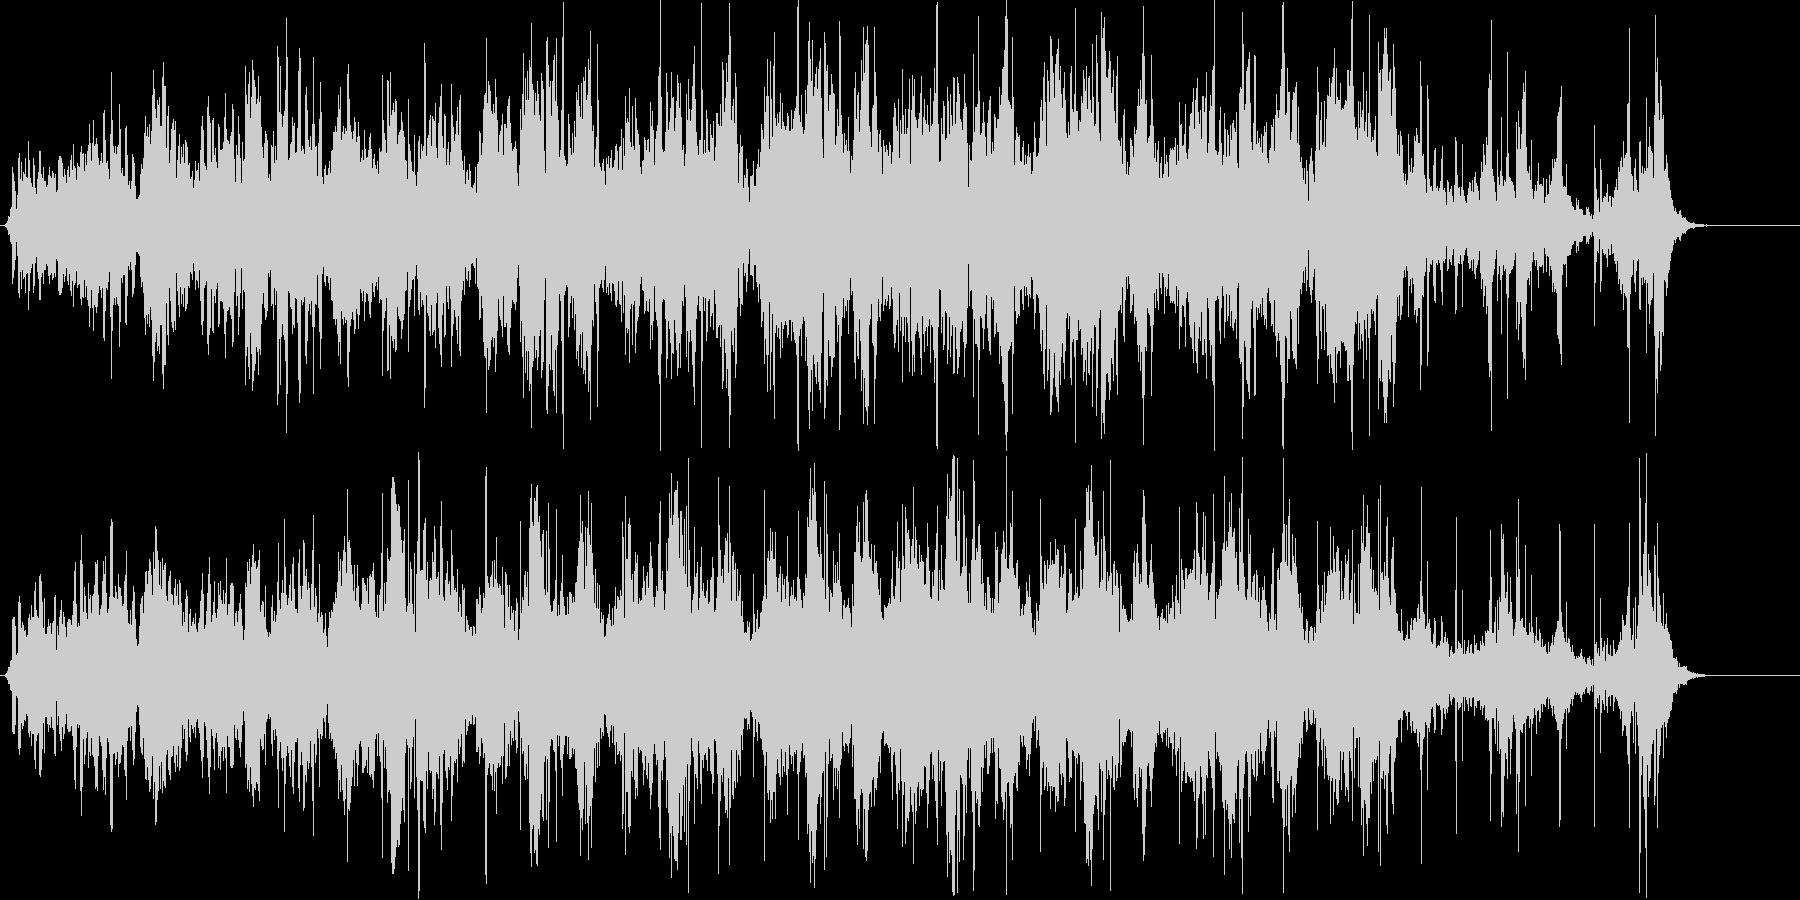 幻想的で近未来的、洗練された宇宙的な音。の未再生の波形